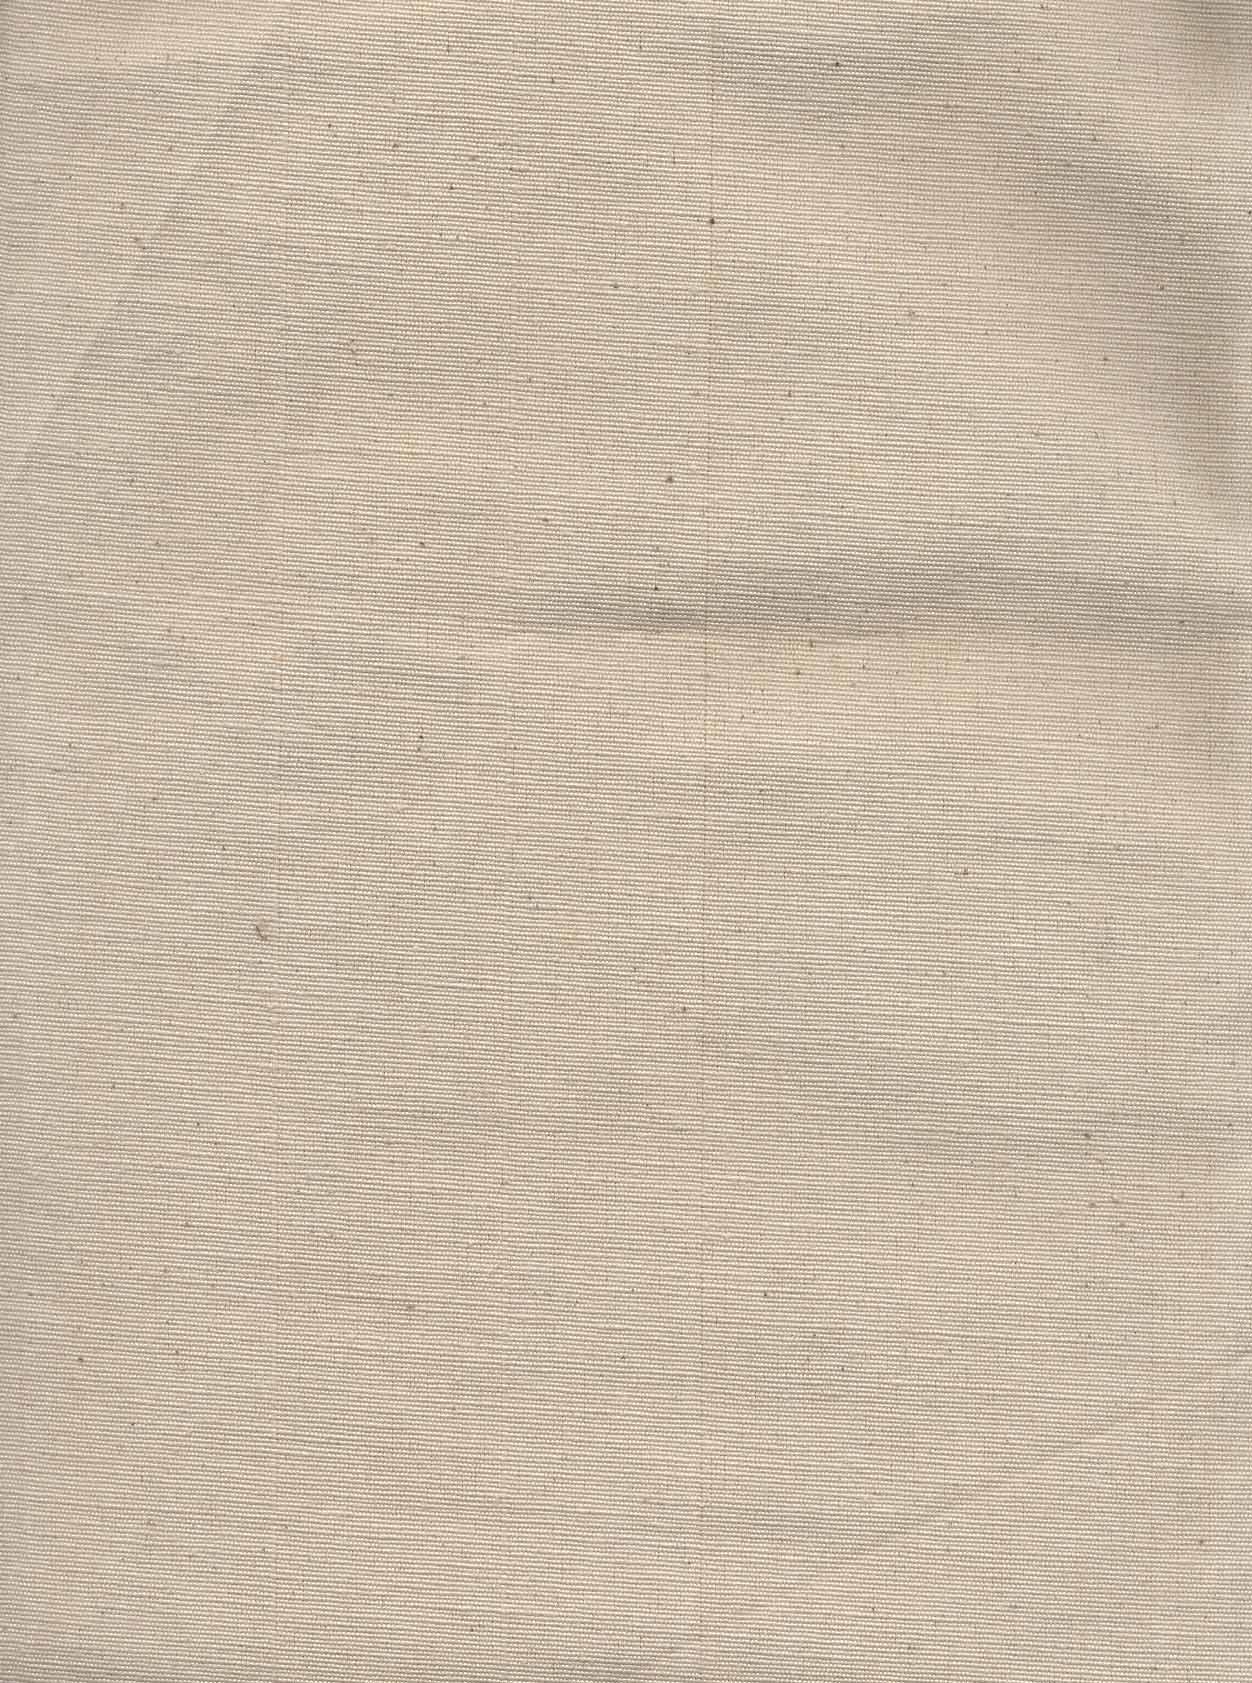 کیف پارچه ای (سرباز)